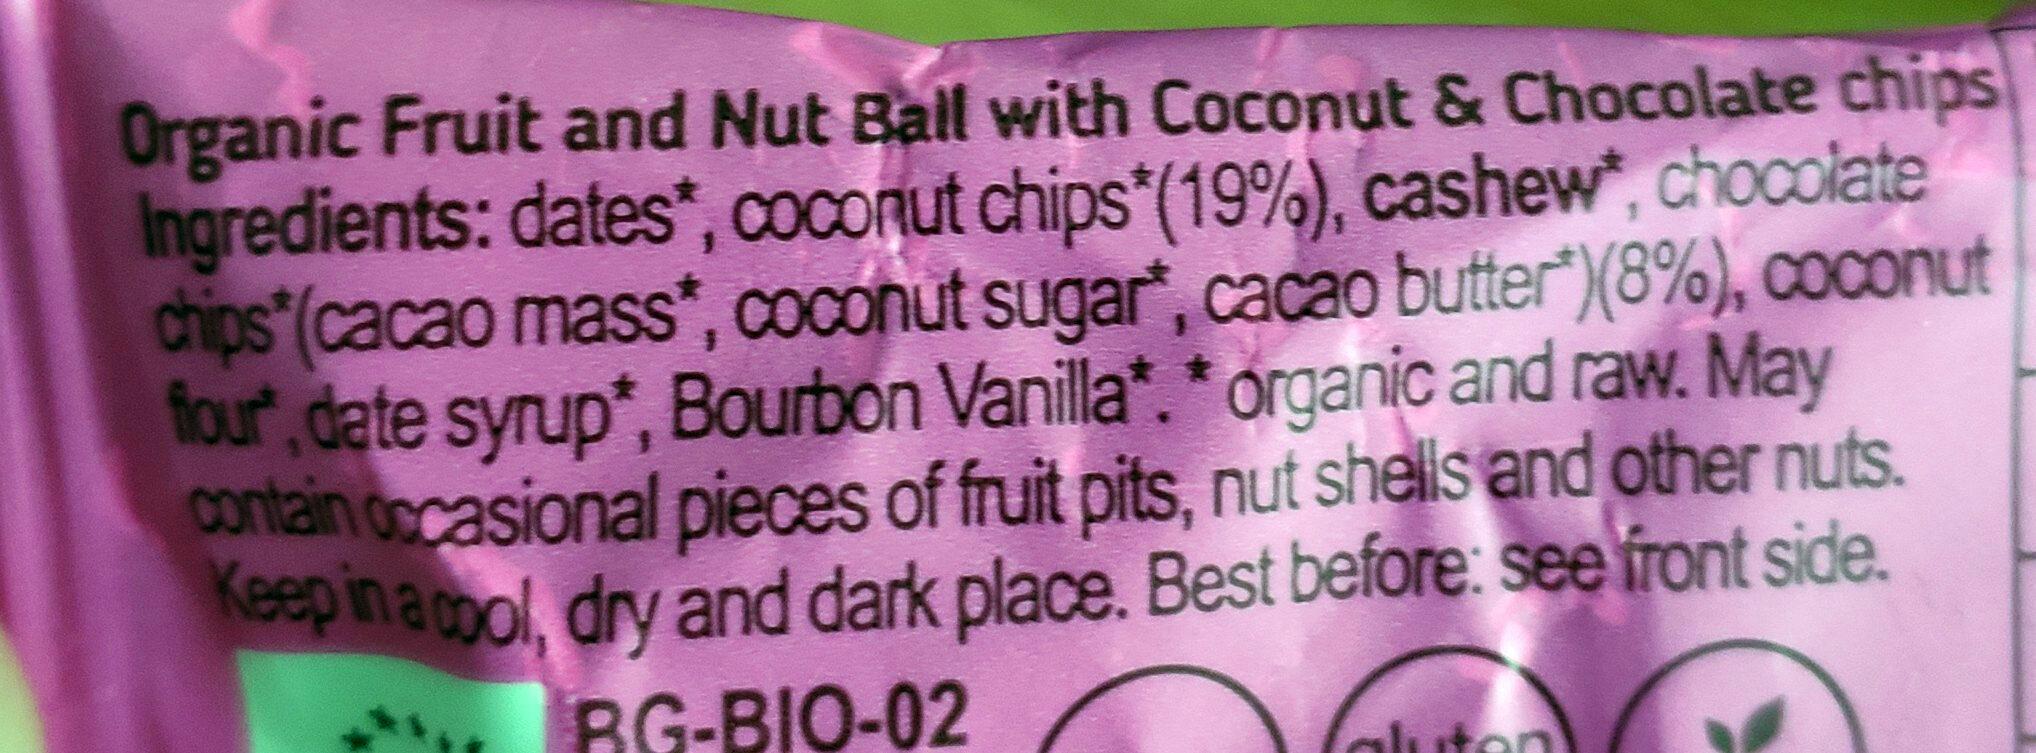 Choc chip coconut brownie ball - Ingredienti - en